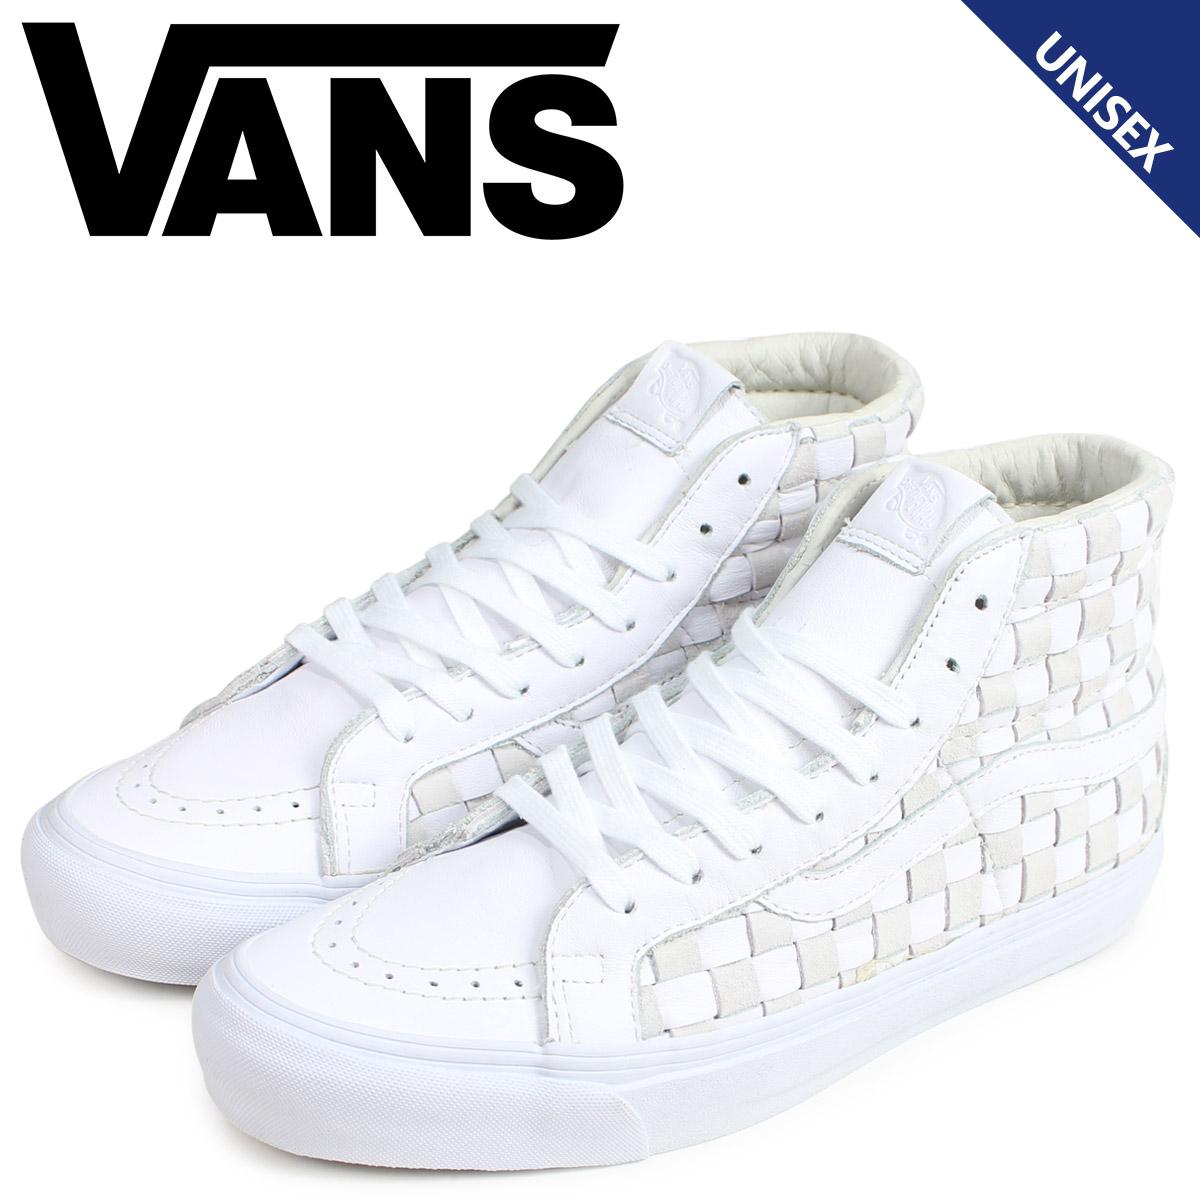 バンズ VANS スニーカー スケートハイ メンズ レディース ヴァンズ VAULT OG SK8-HI LX ホワイト 白 VN0003T0IM4